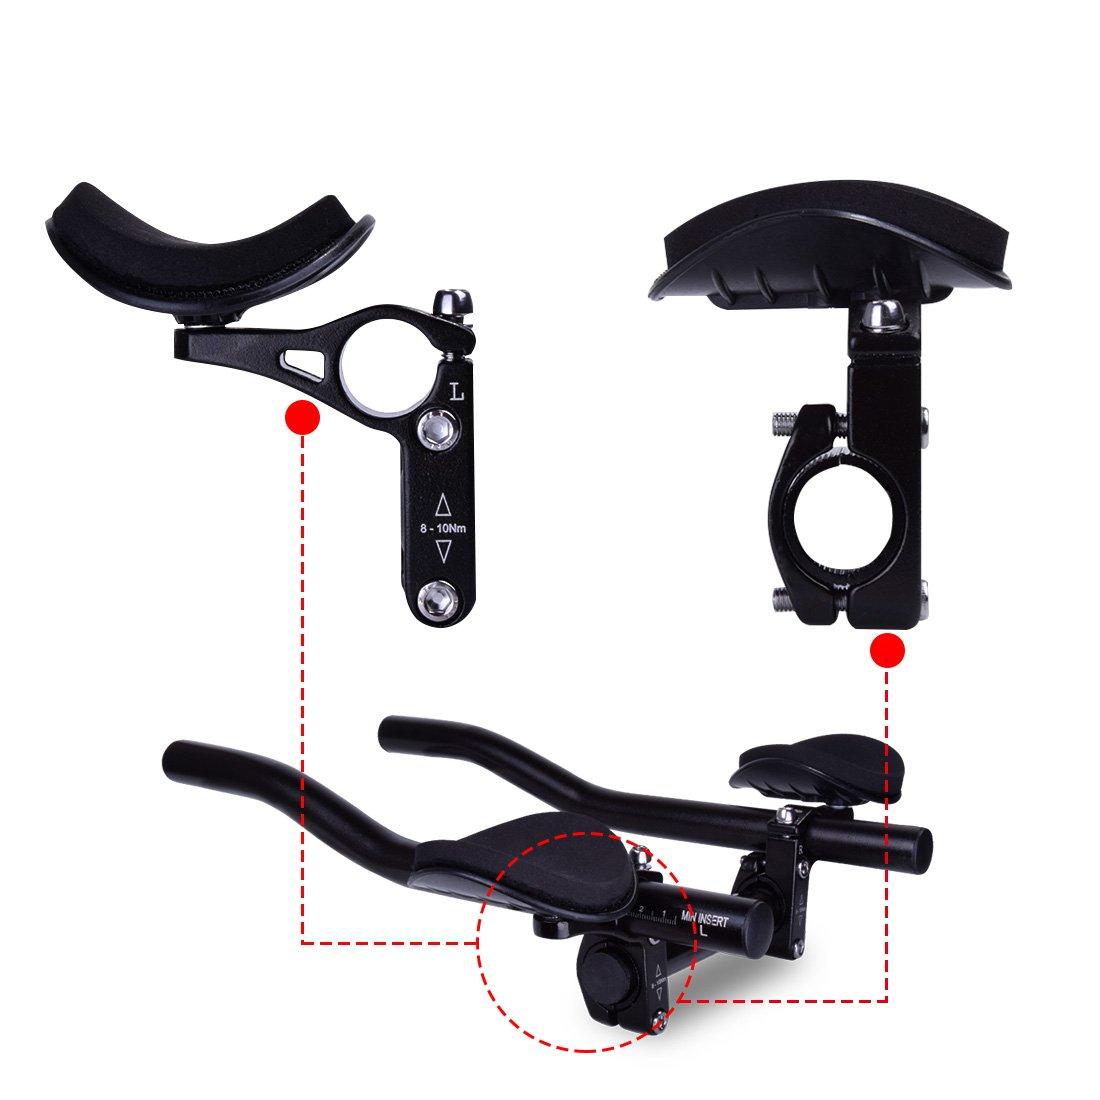 para bicicletas de monta/ña o carretera manillar con apoyo para descansar Acople de manillar TT de Hotgod para triatlones